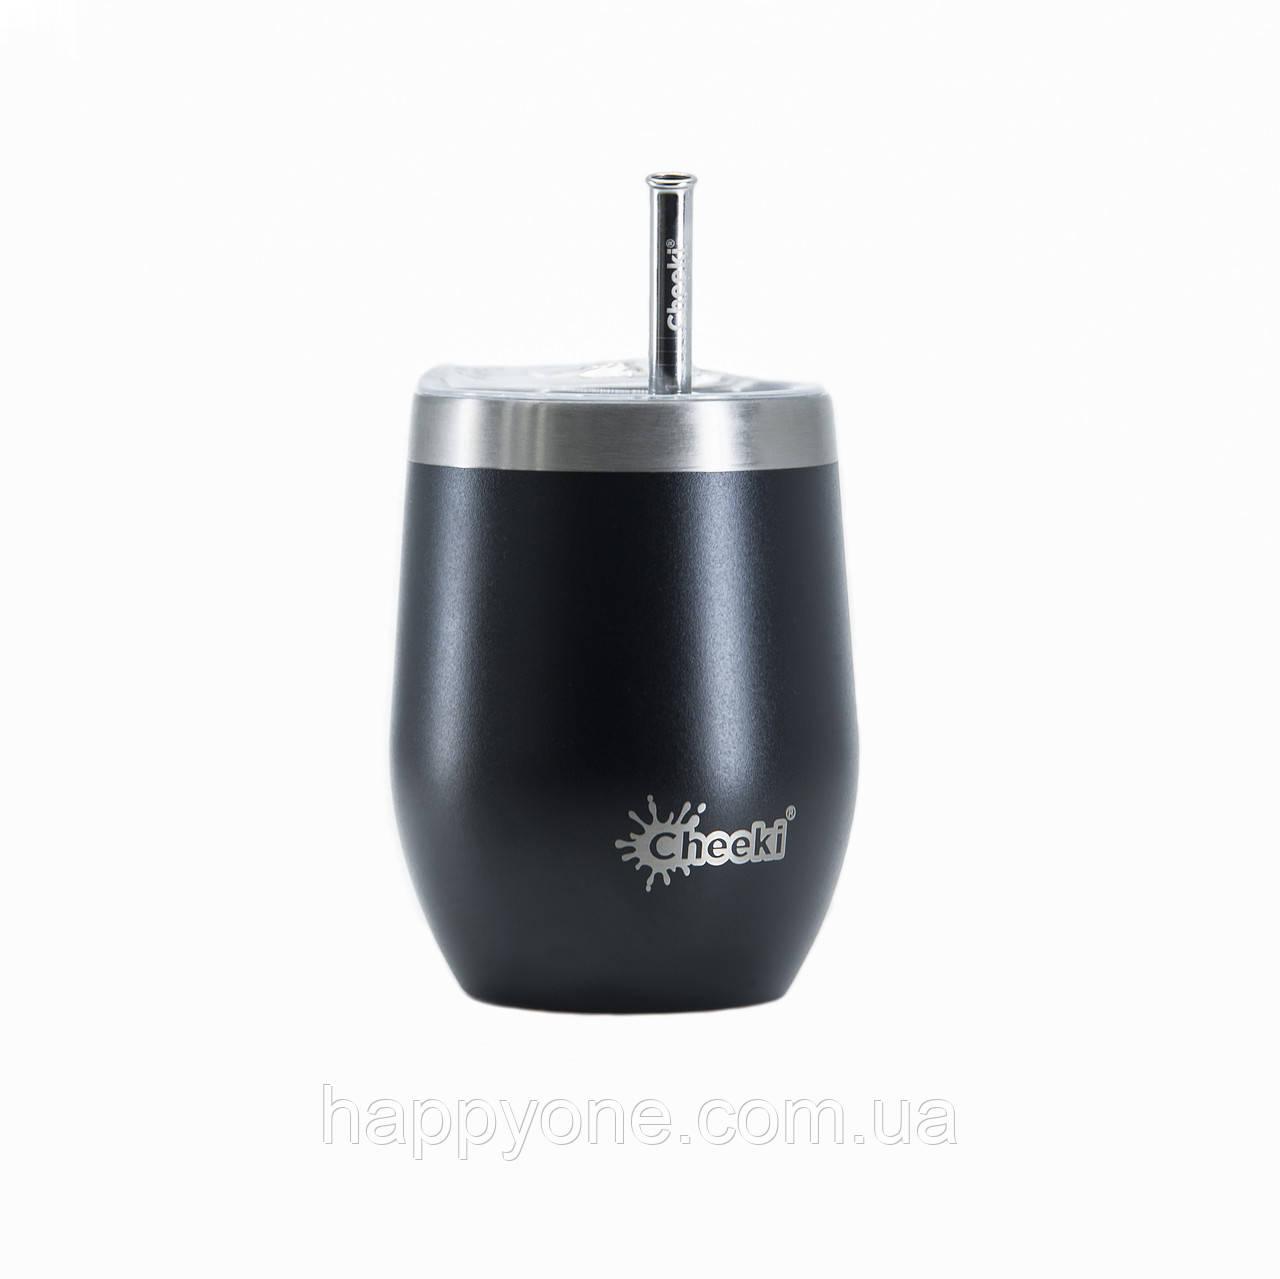 Термостакан для напитков со стальной трубочкой Cheeki Wine Tumbler Rich Black (320 мл)